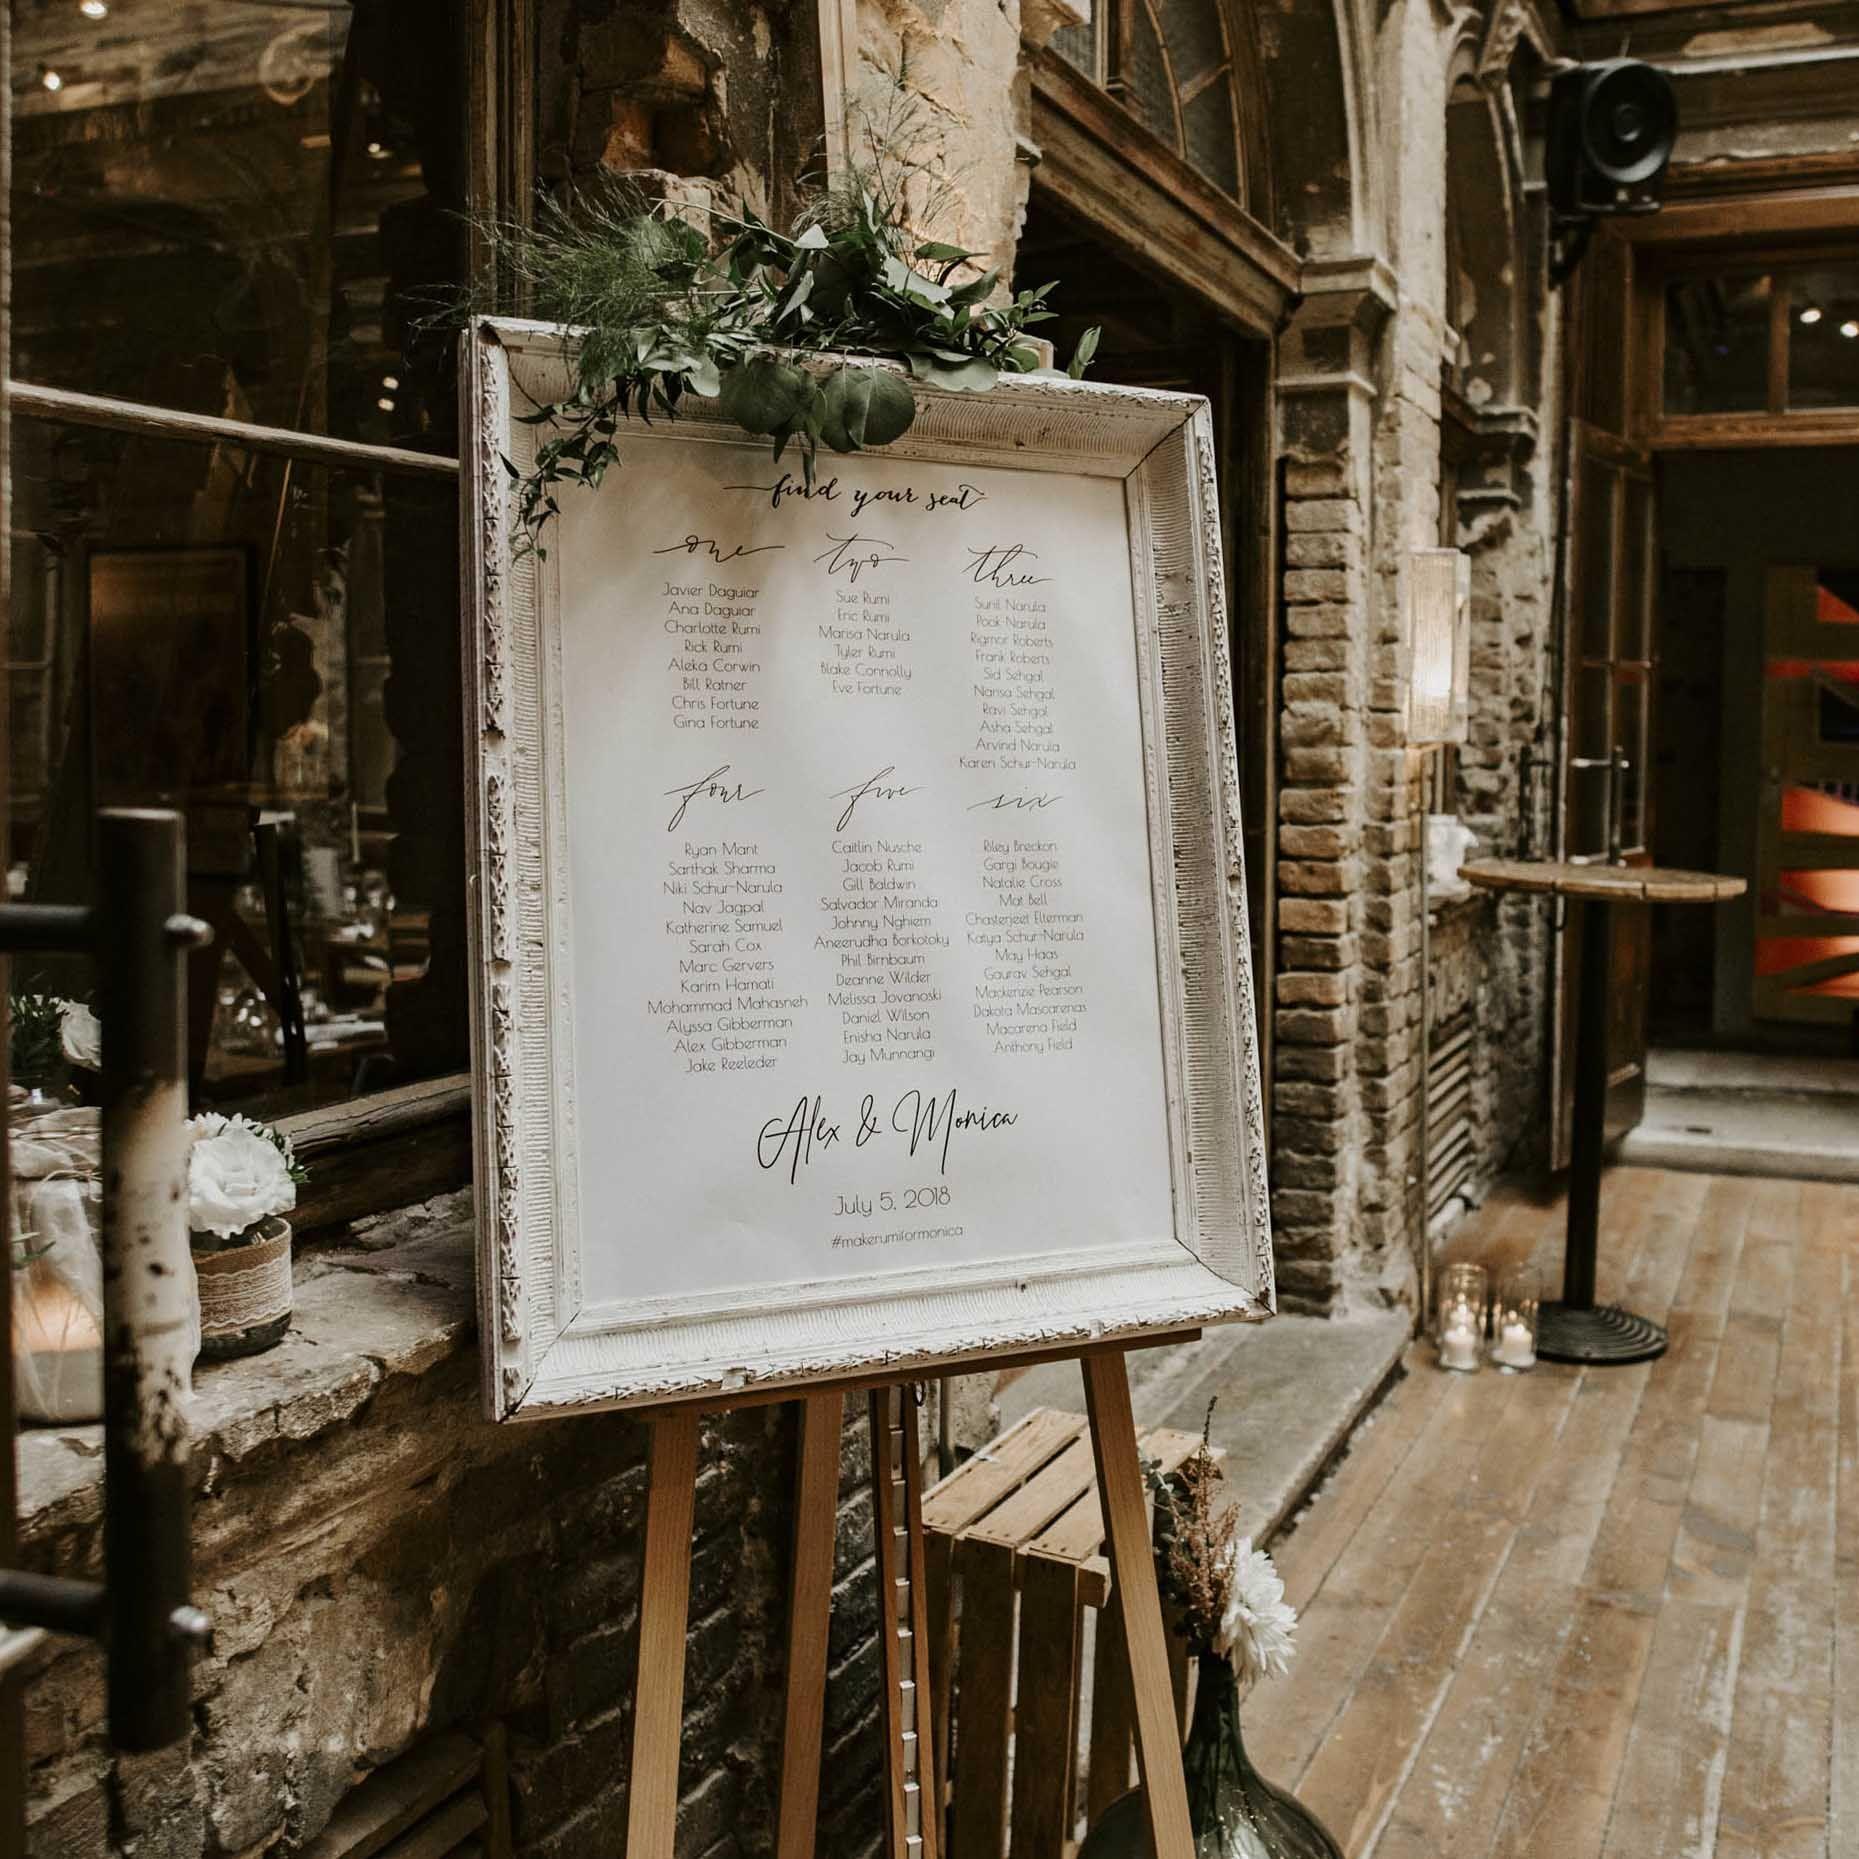 Wedding Ladder Decorations: Welcome Sign / Köszöntő Táblák